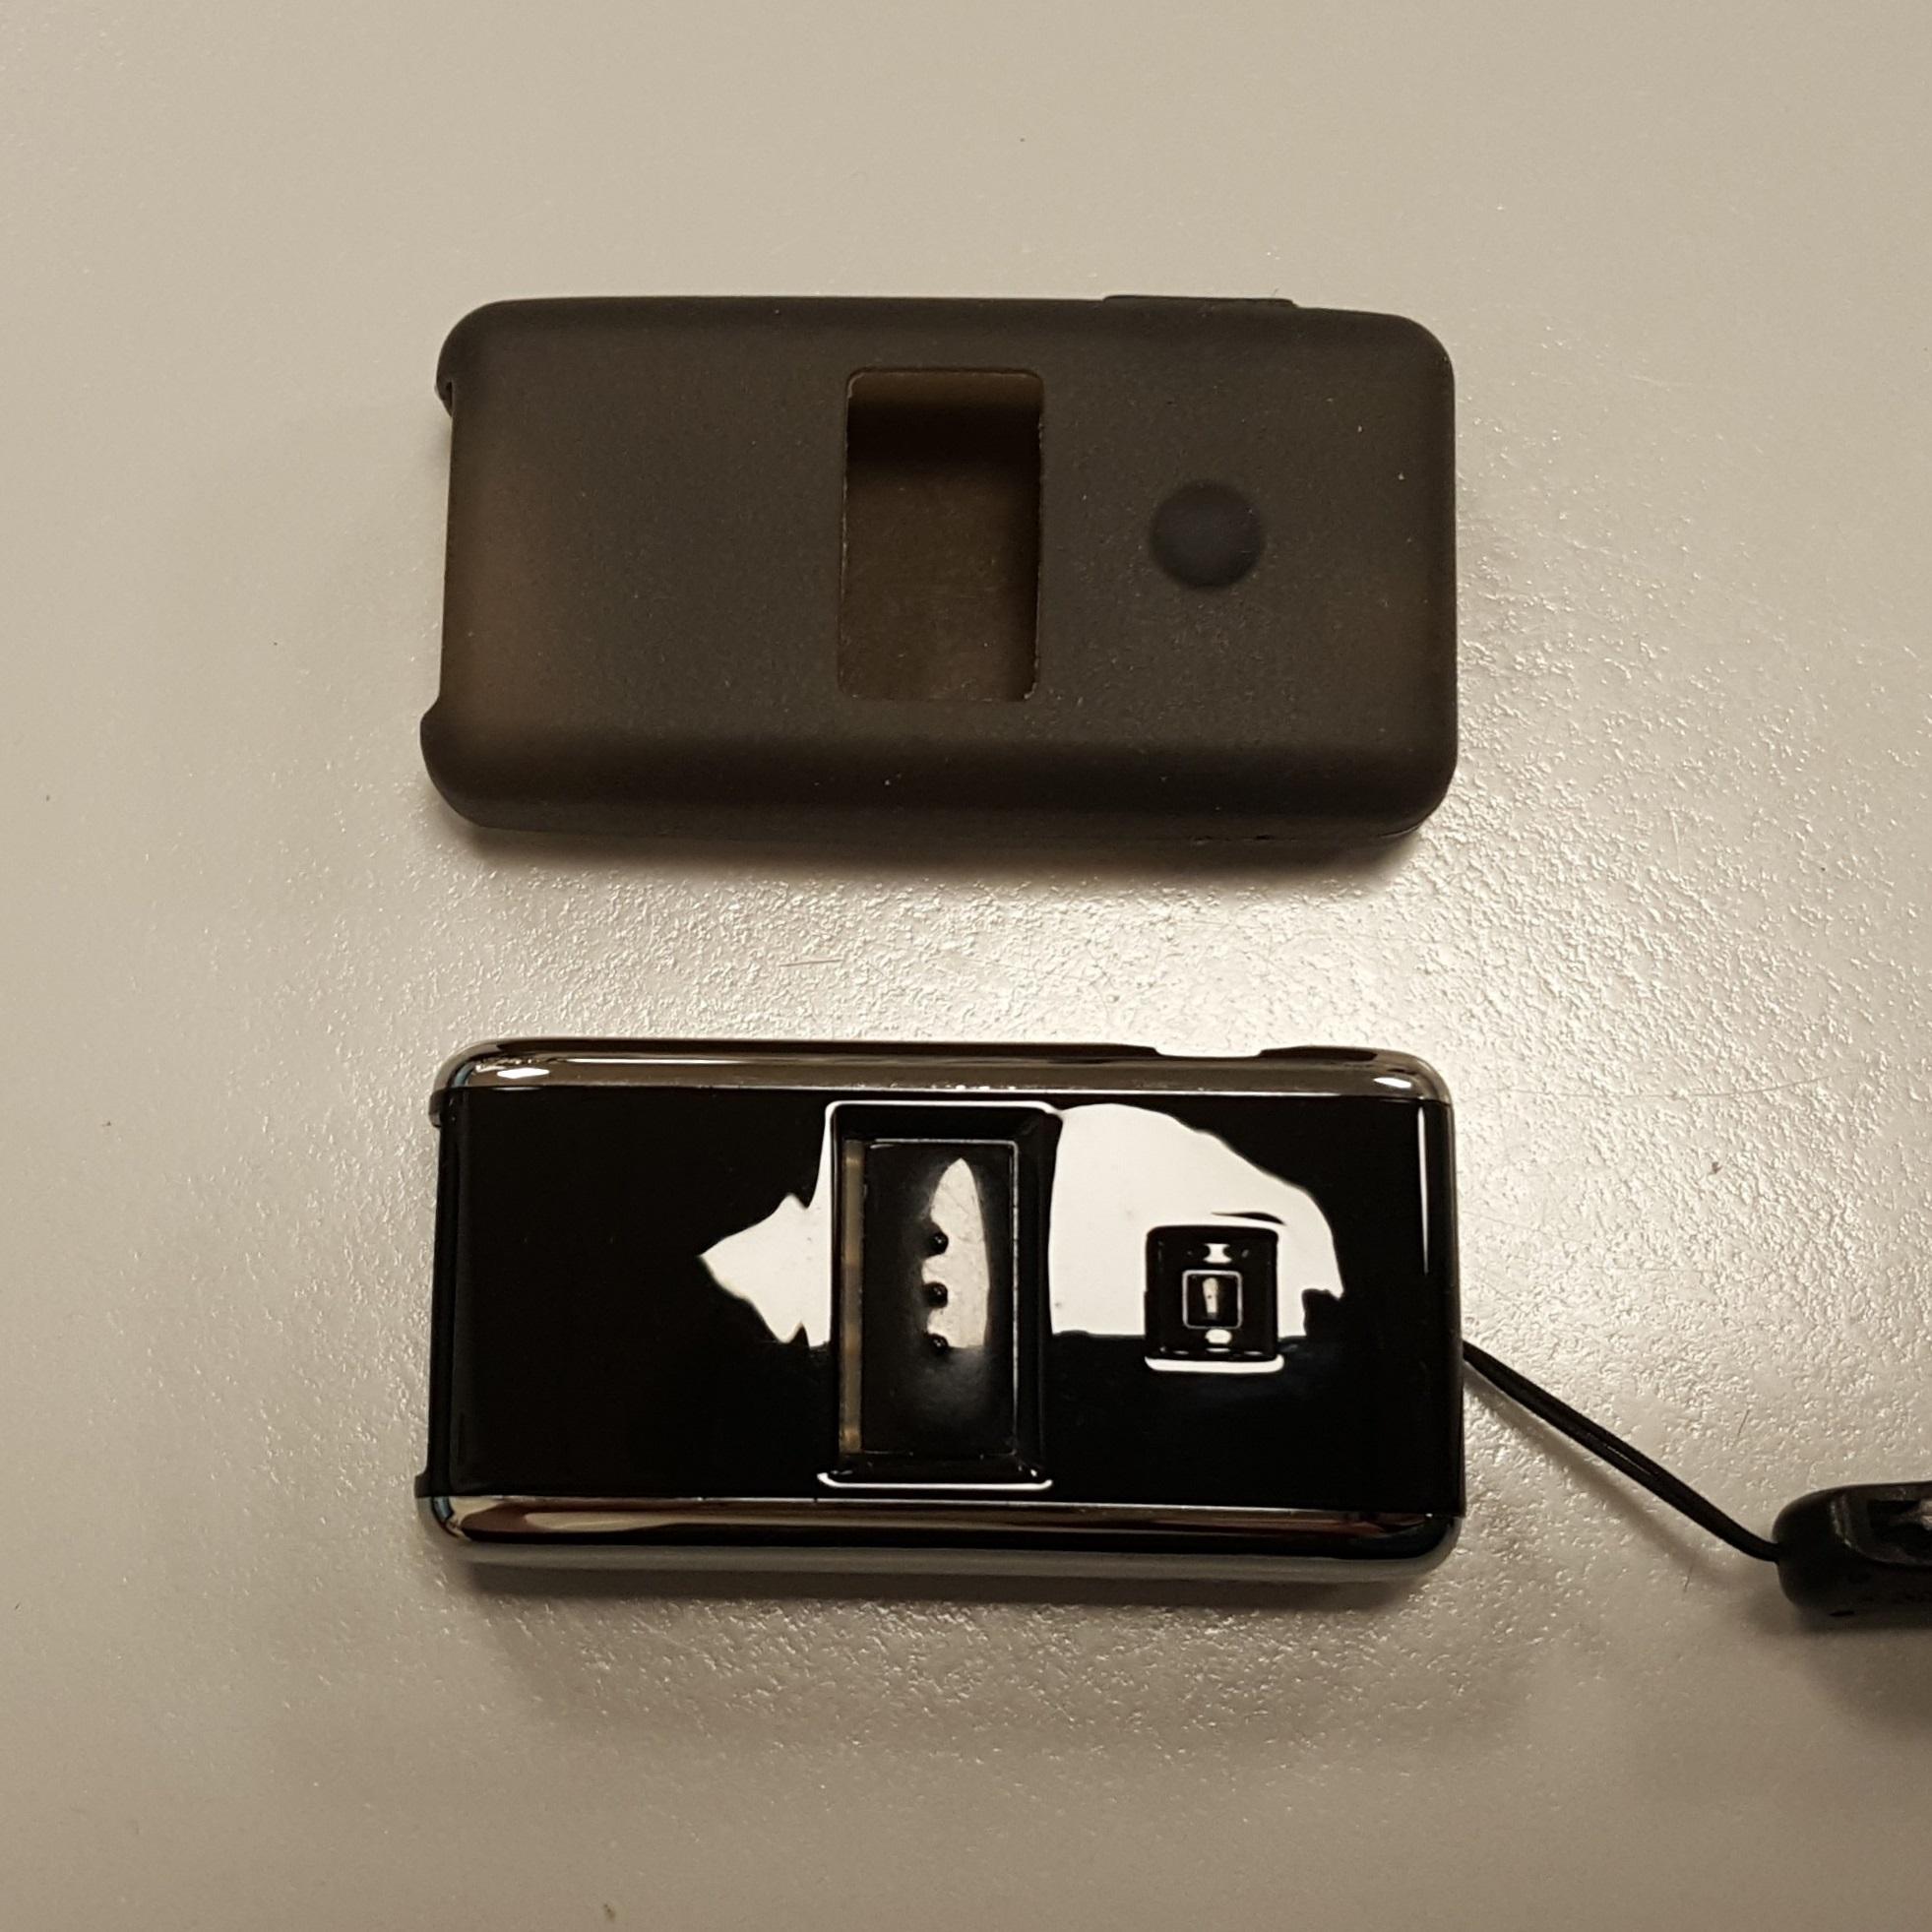 Handscanner und Schutzhülle